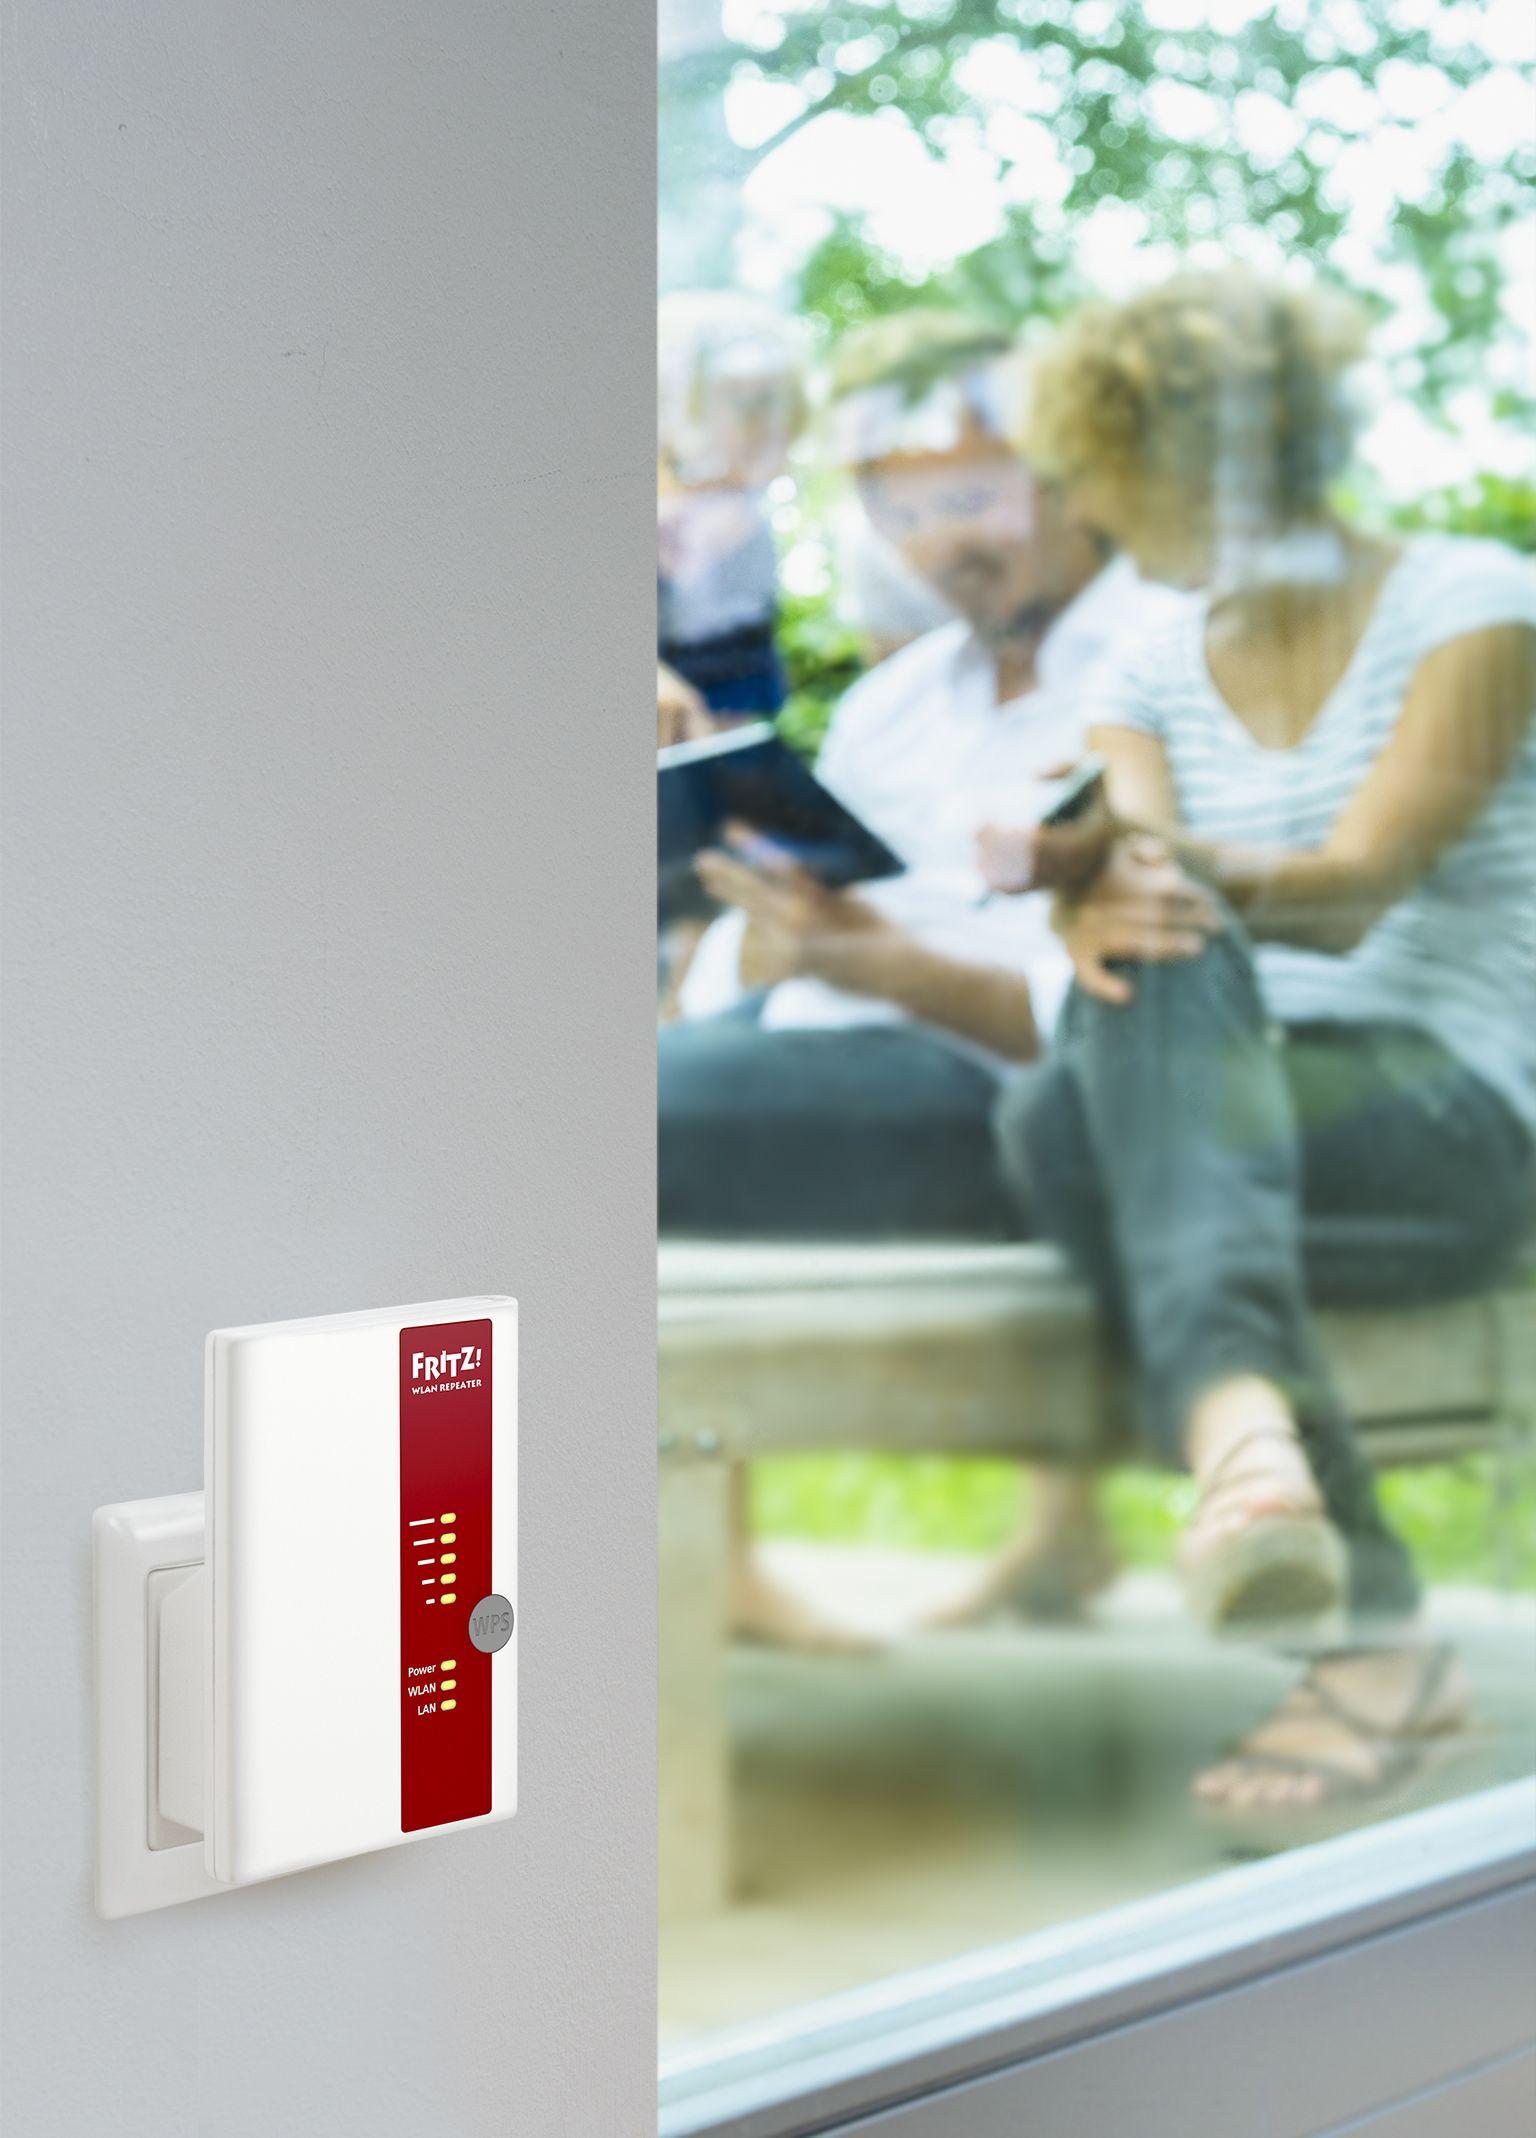 Repetidores WiFi, ¿qué son y qué ventajas ofrecen? 36